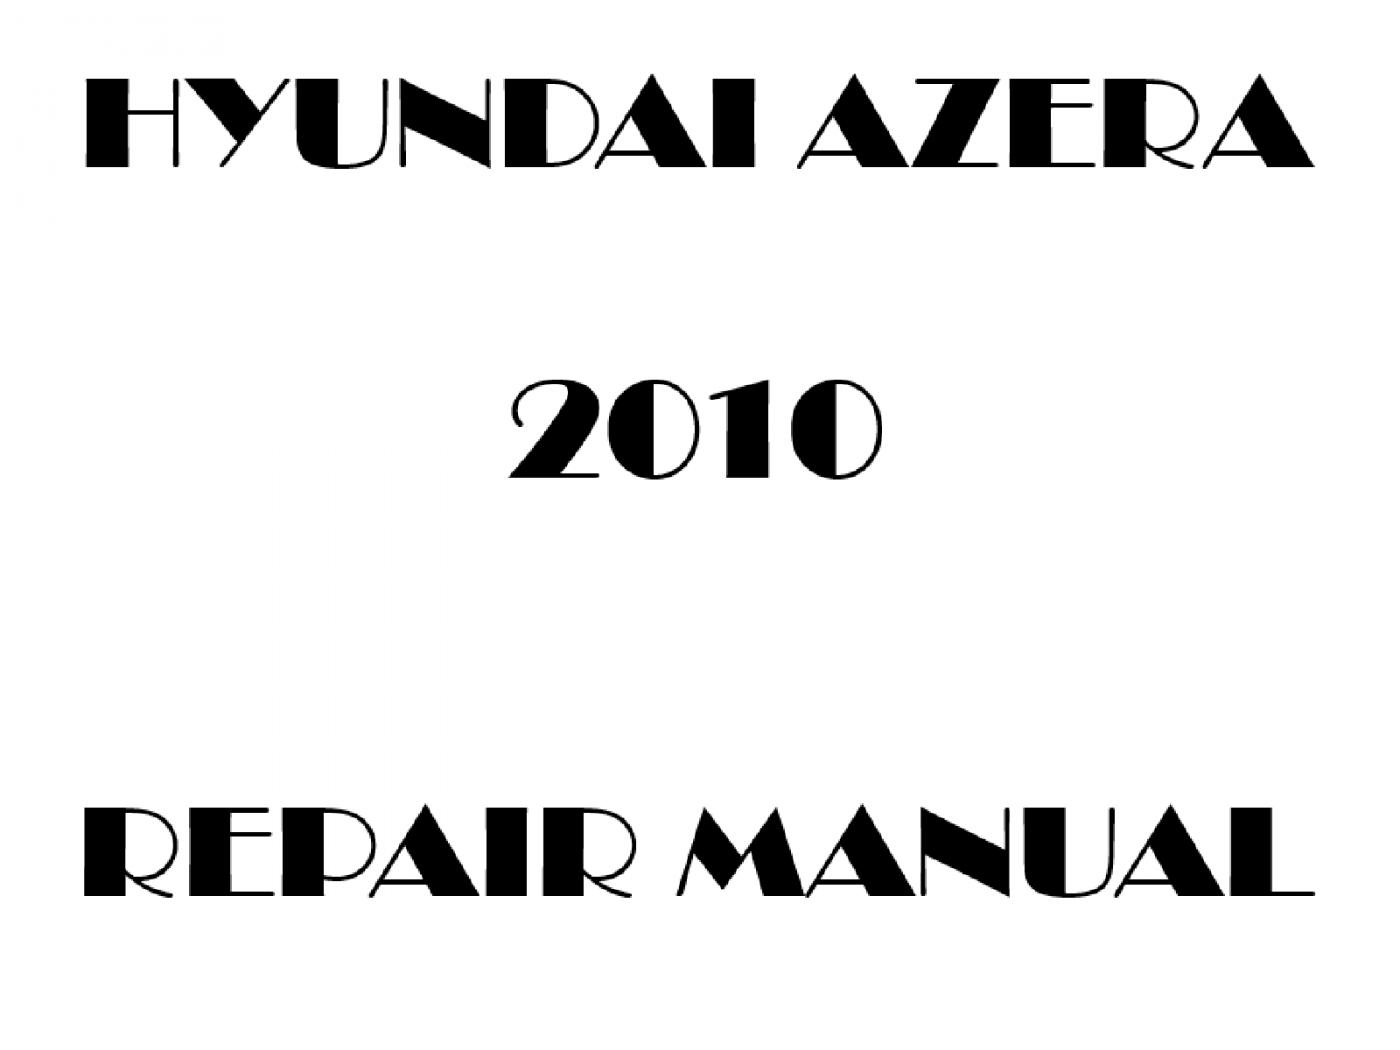 2010 Hyundai Azera repair manual